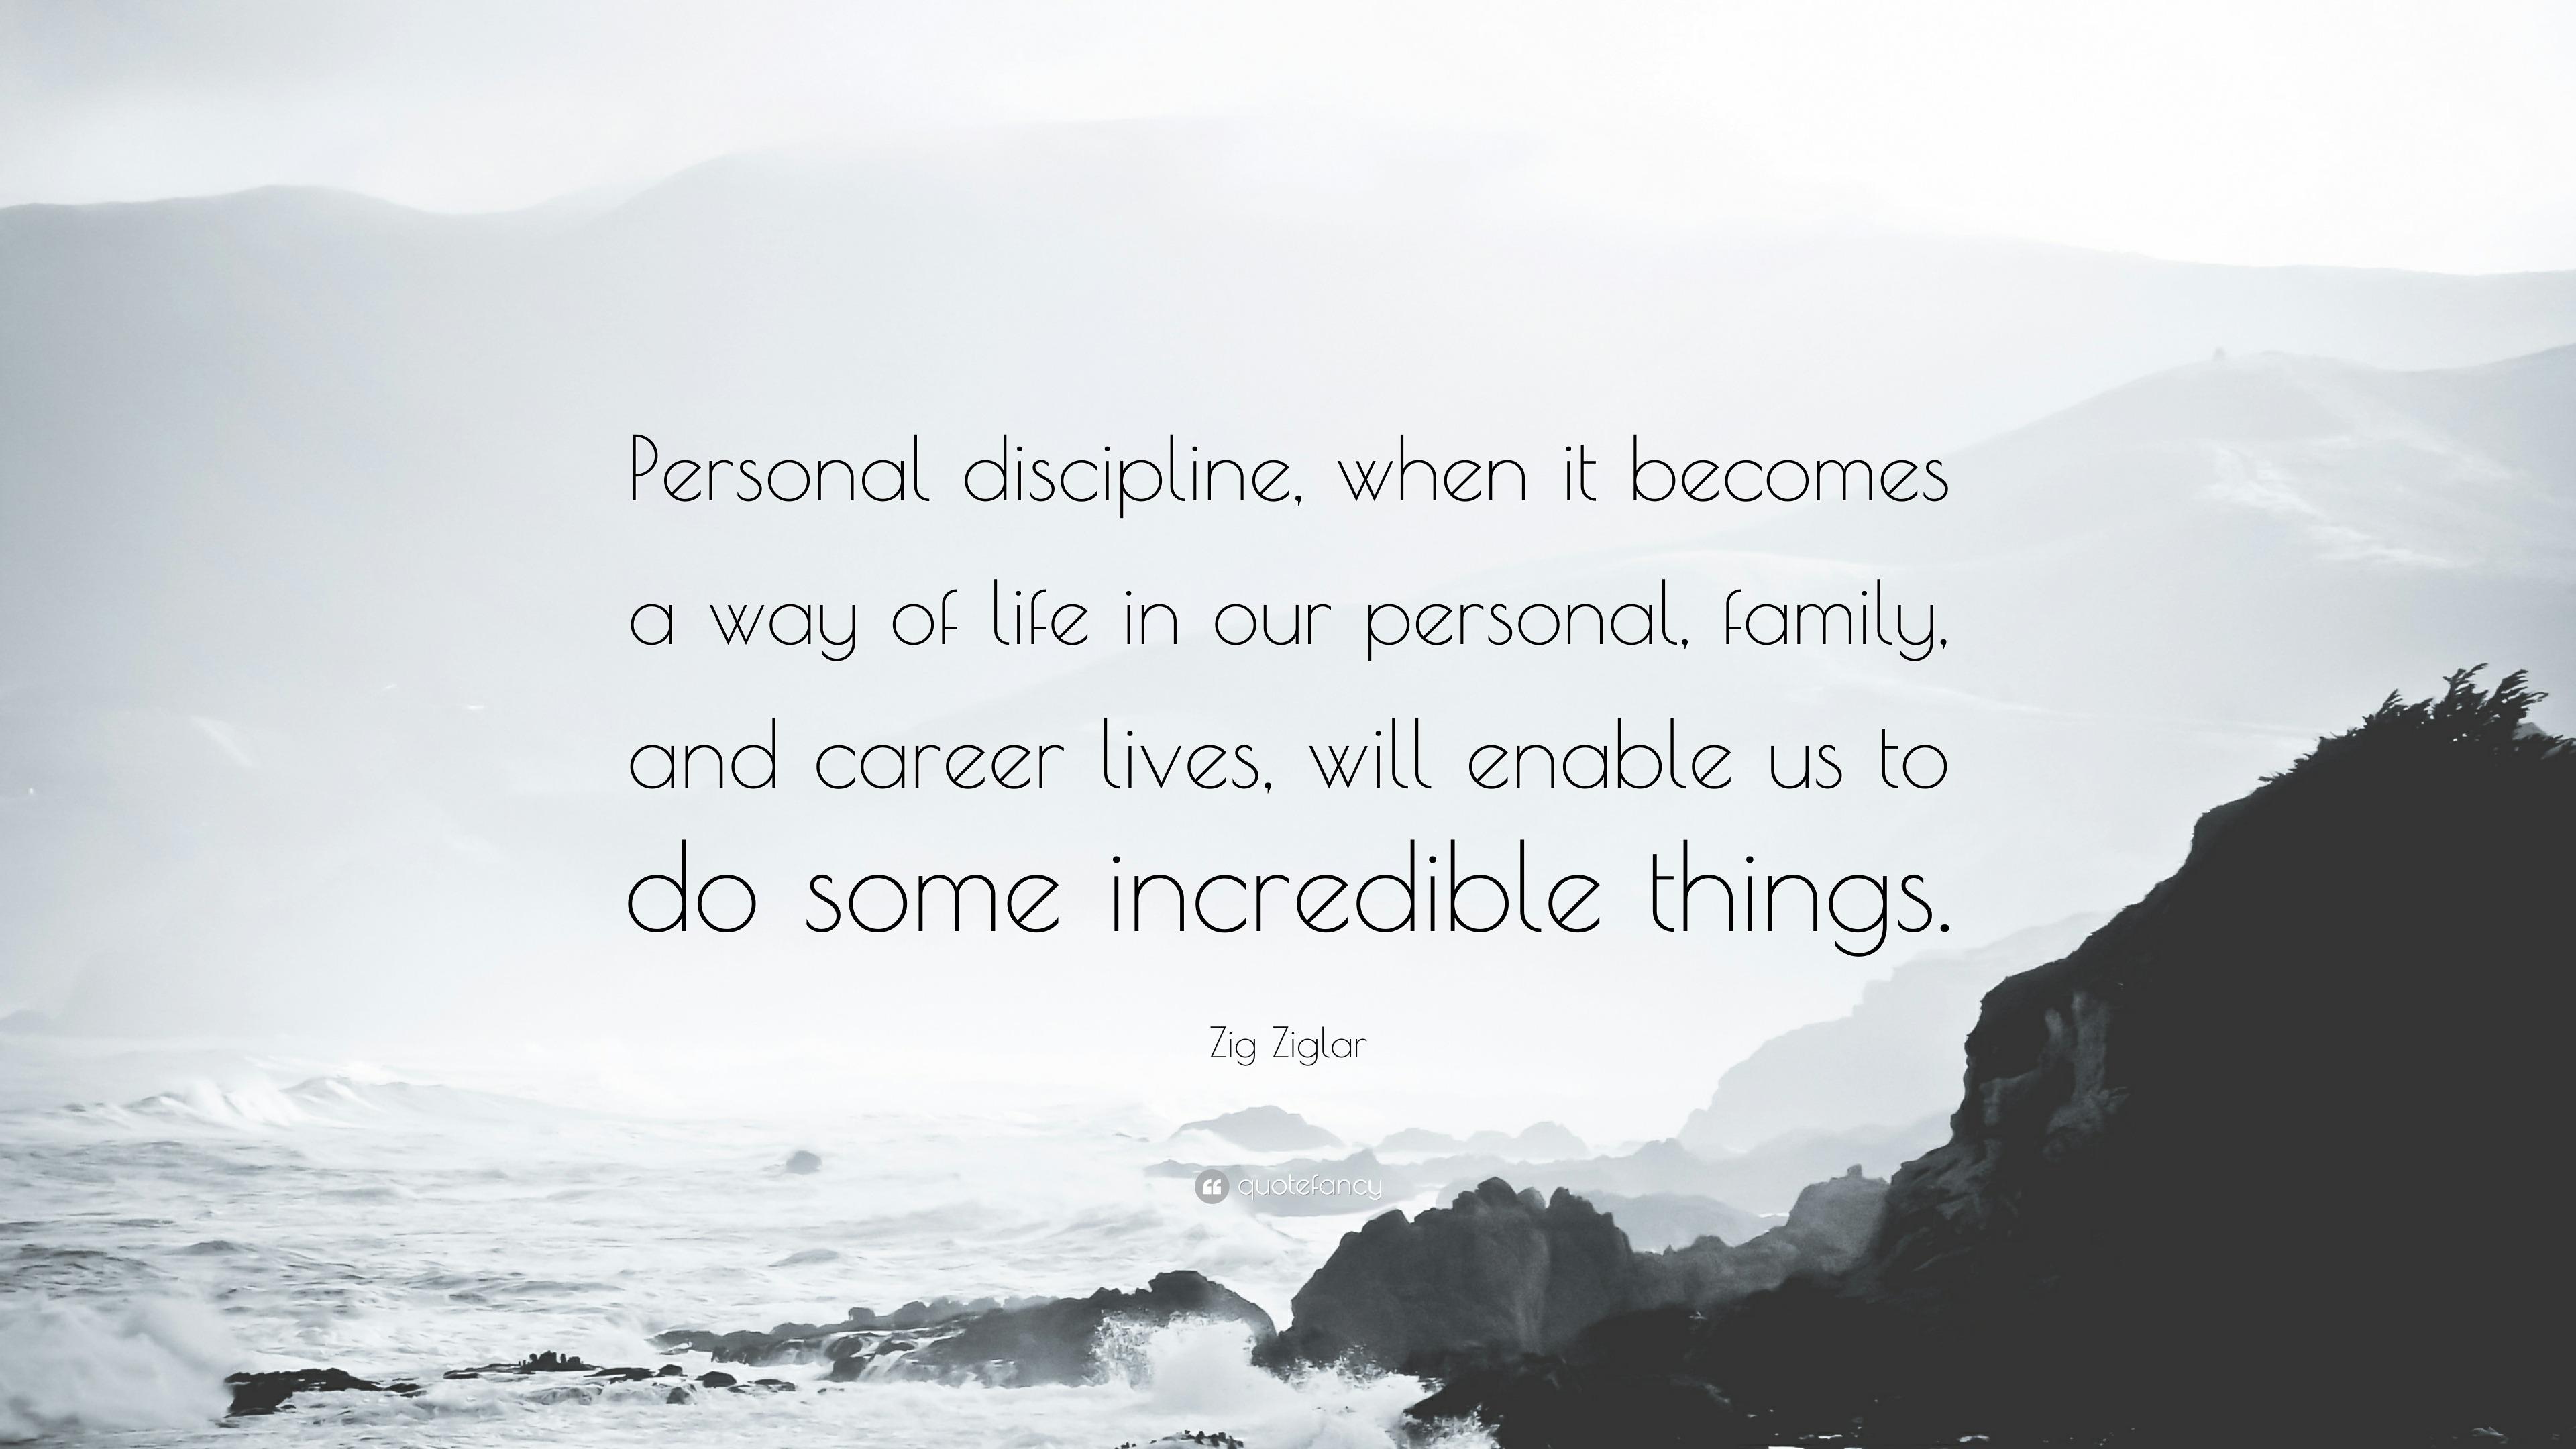 zig ziglar quote personal discipline when it becomes a way of zig ziglar quote personal discipline when it becomes a way of life in